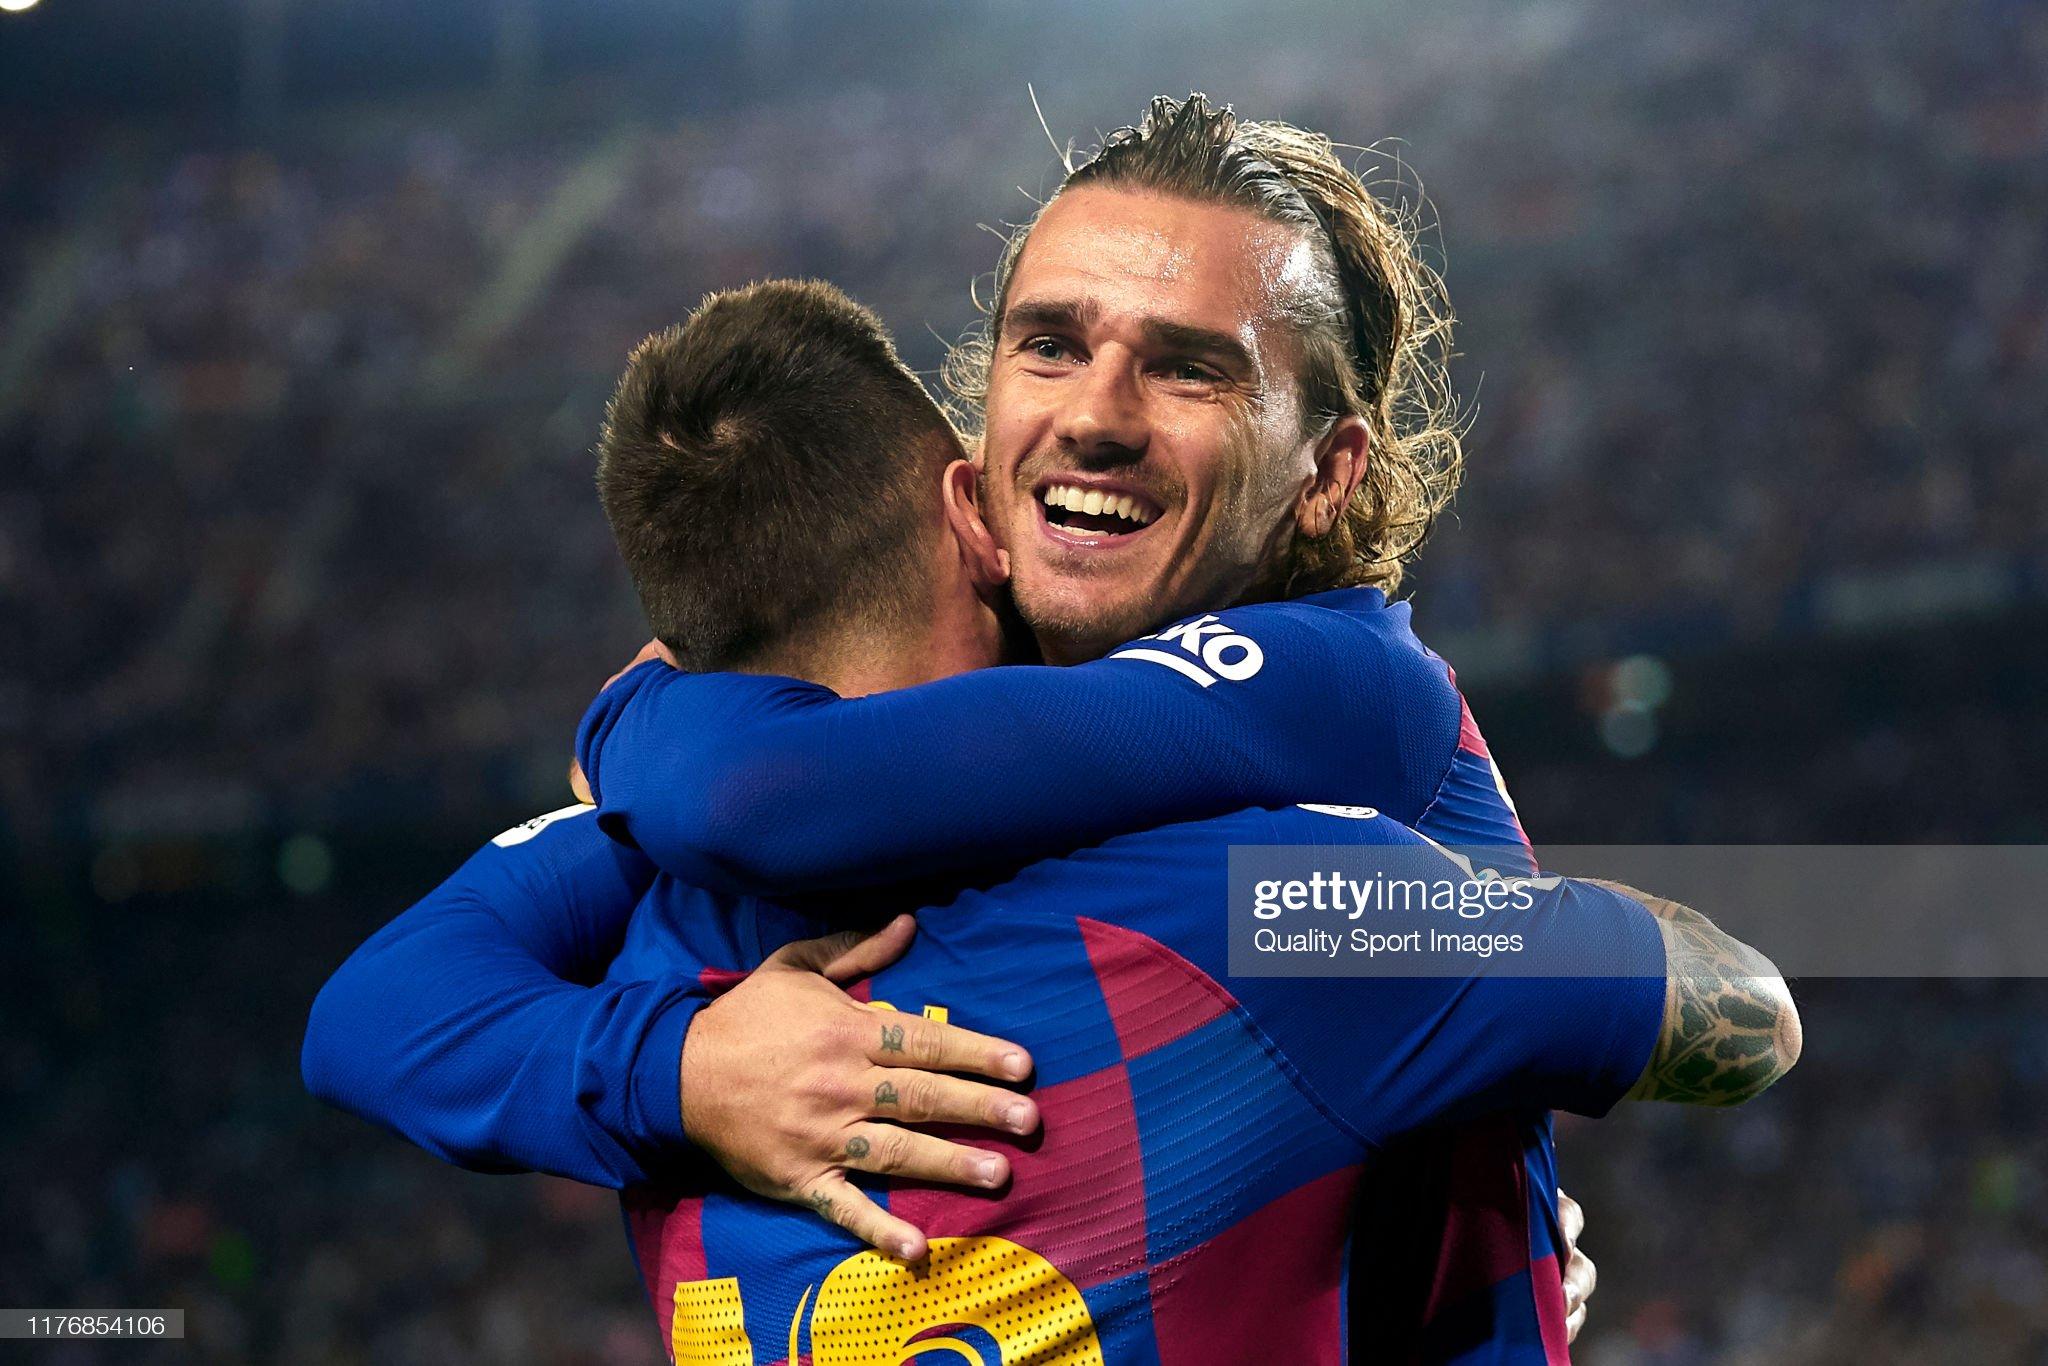 صور مباراة : برشلونة - فياريال 2-1 ( 24-09-2019 )  Antoine-griezmann-and-lionel-messi-of-fc-barcelona-celebrating-their-picture-id1176854106?s=2048x2048